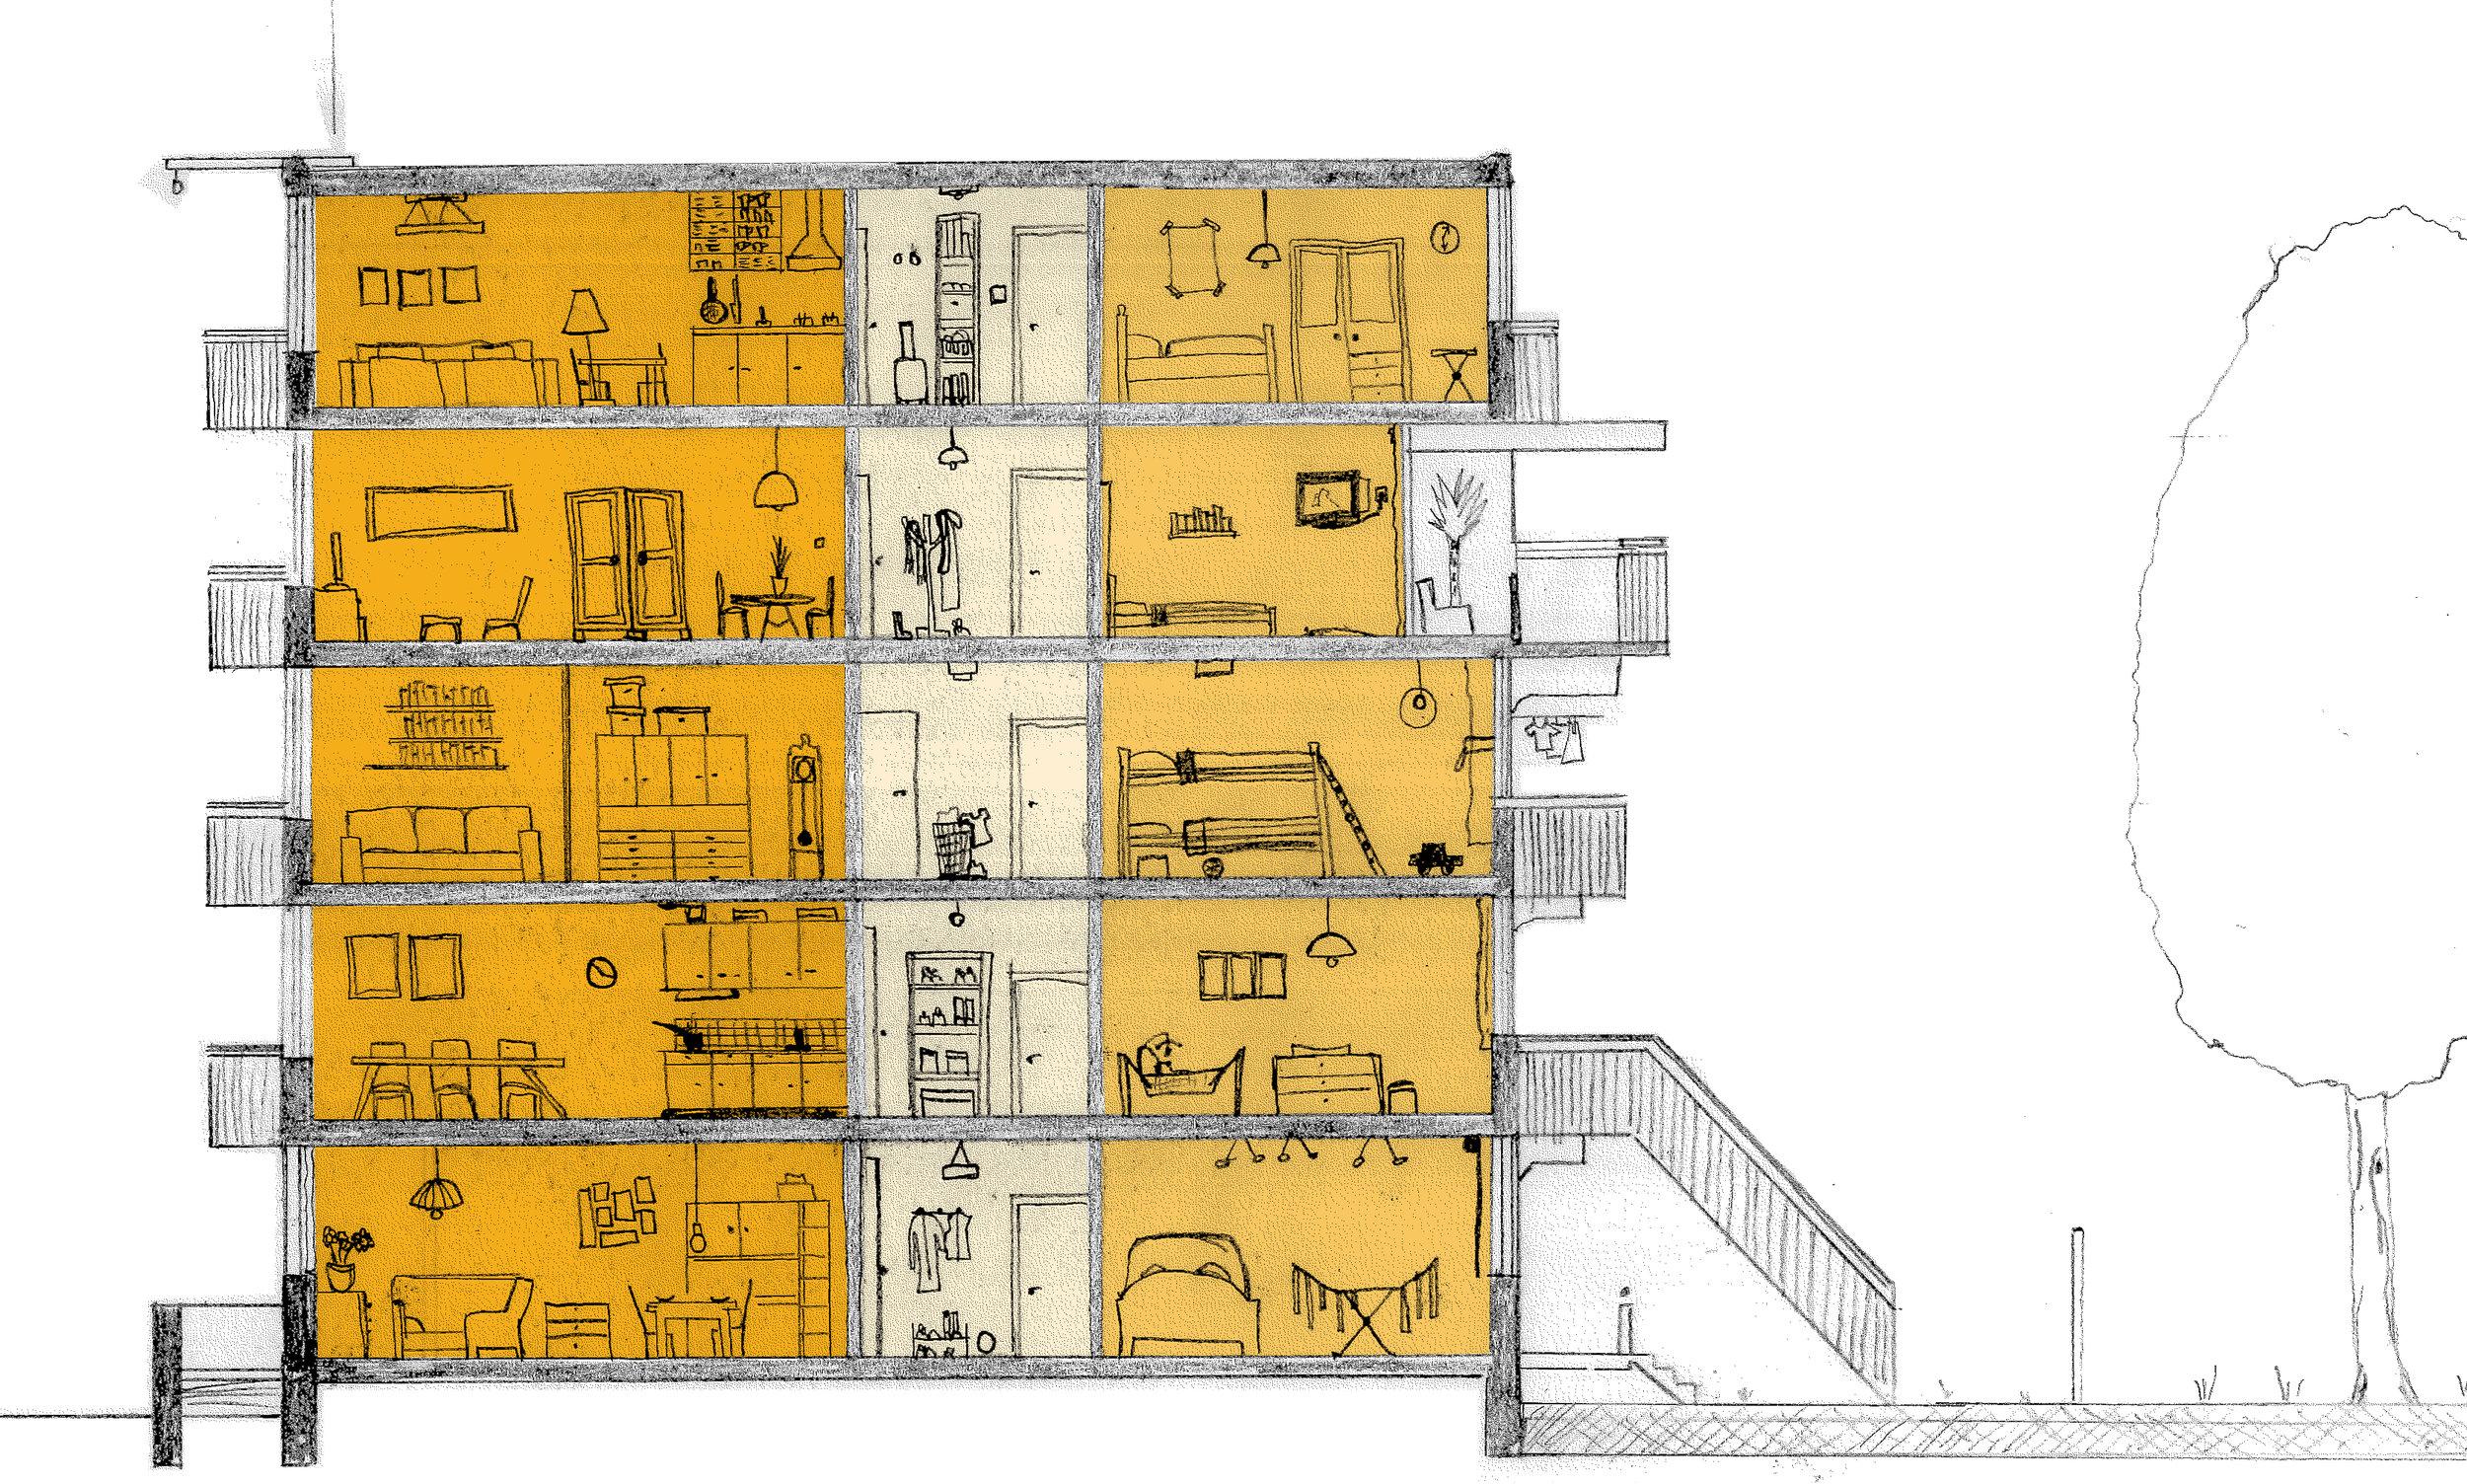 doorsnede met de indeling van de appartementen in het Rottekwartier